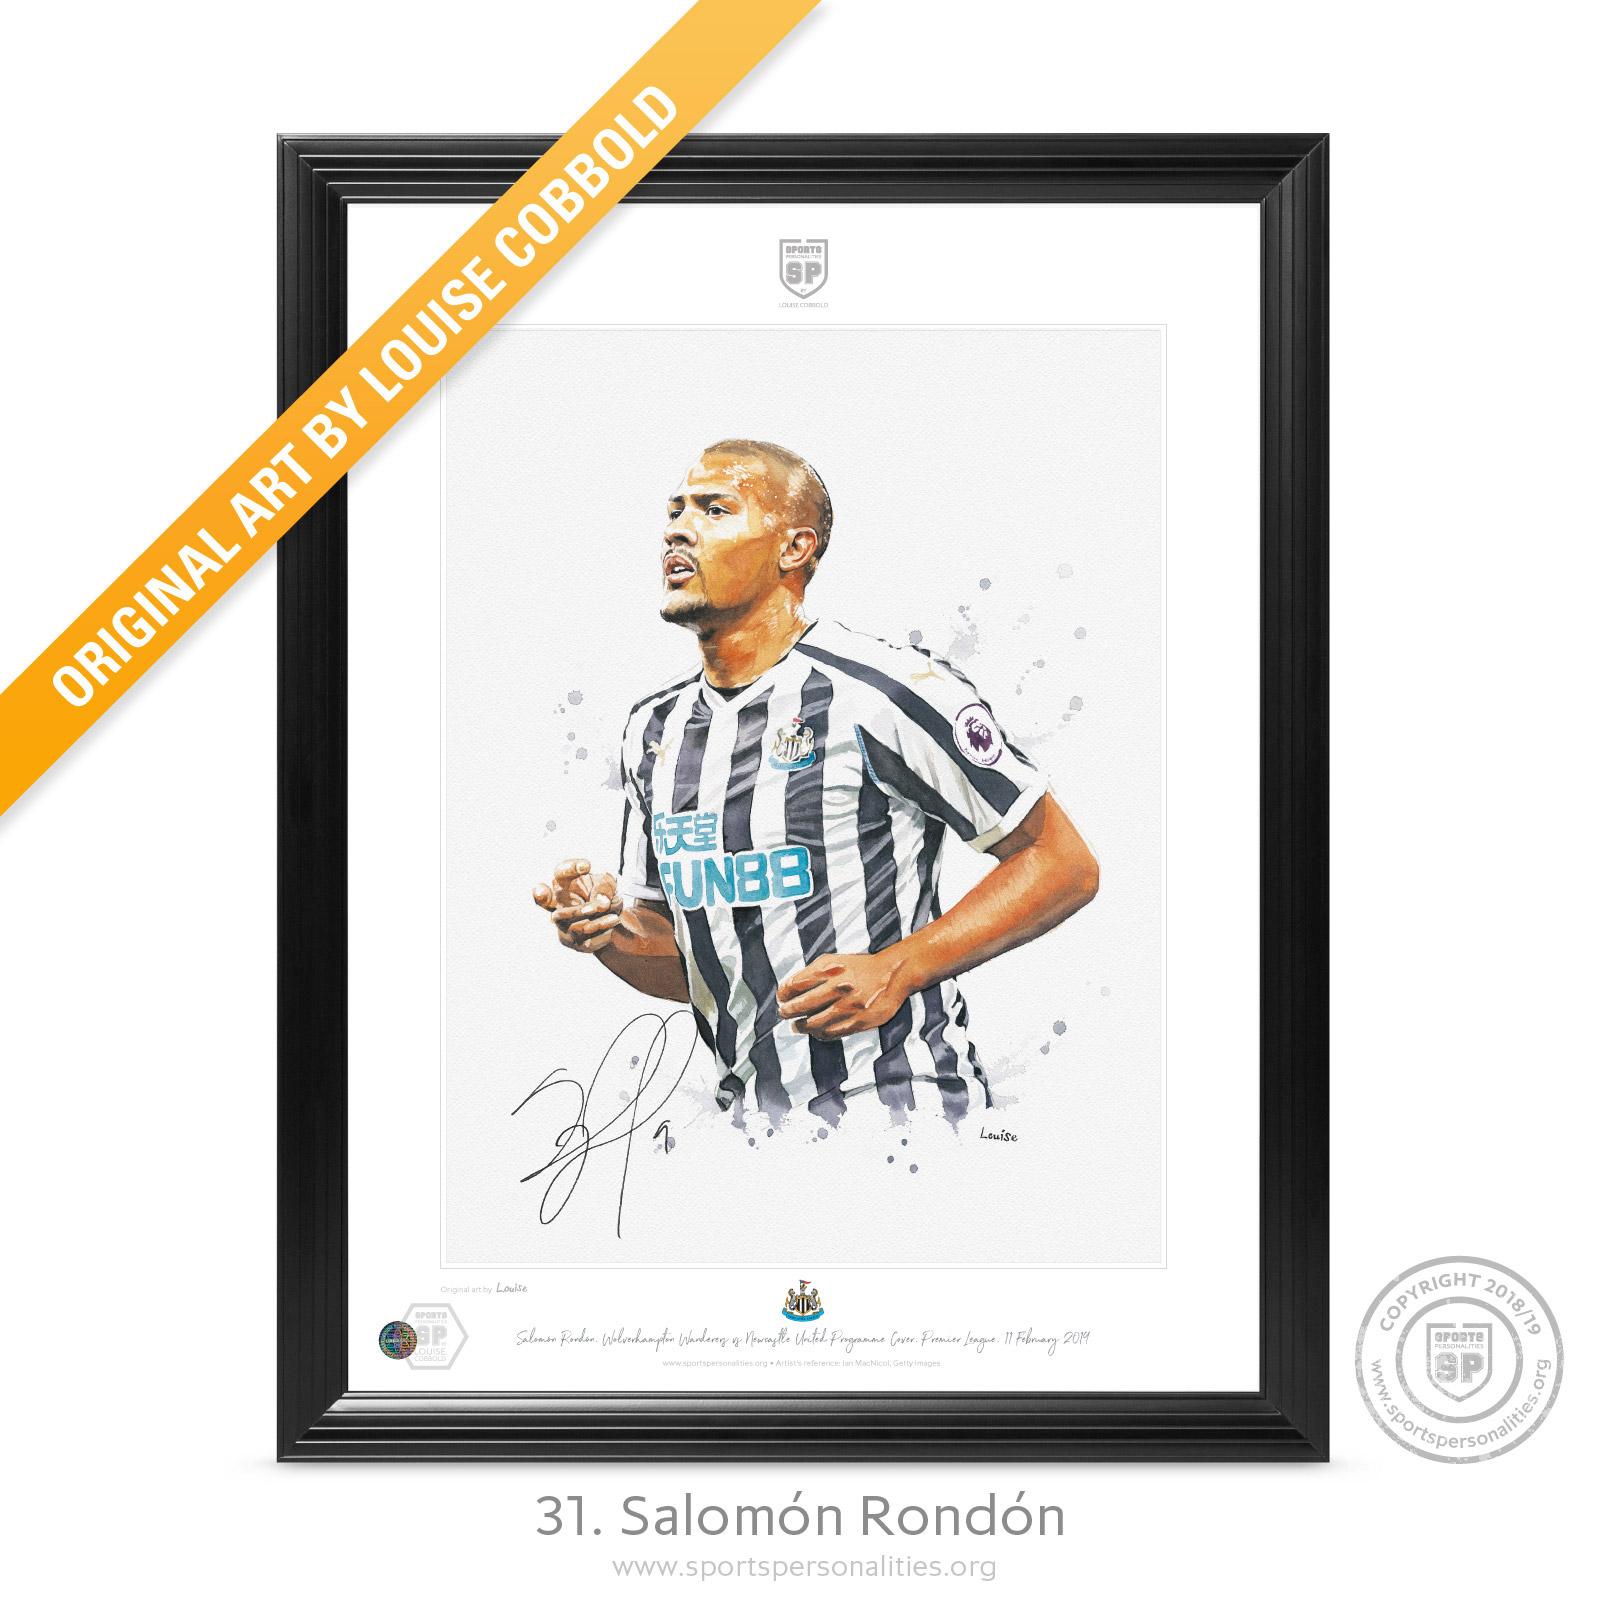 31.-Salomon-Rondon.jpg